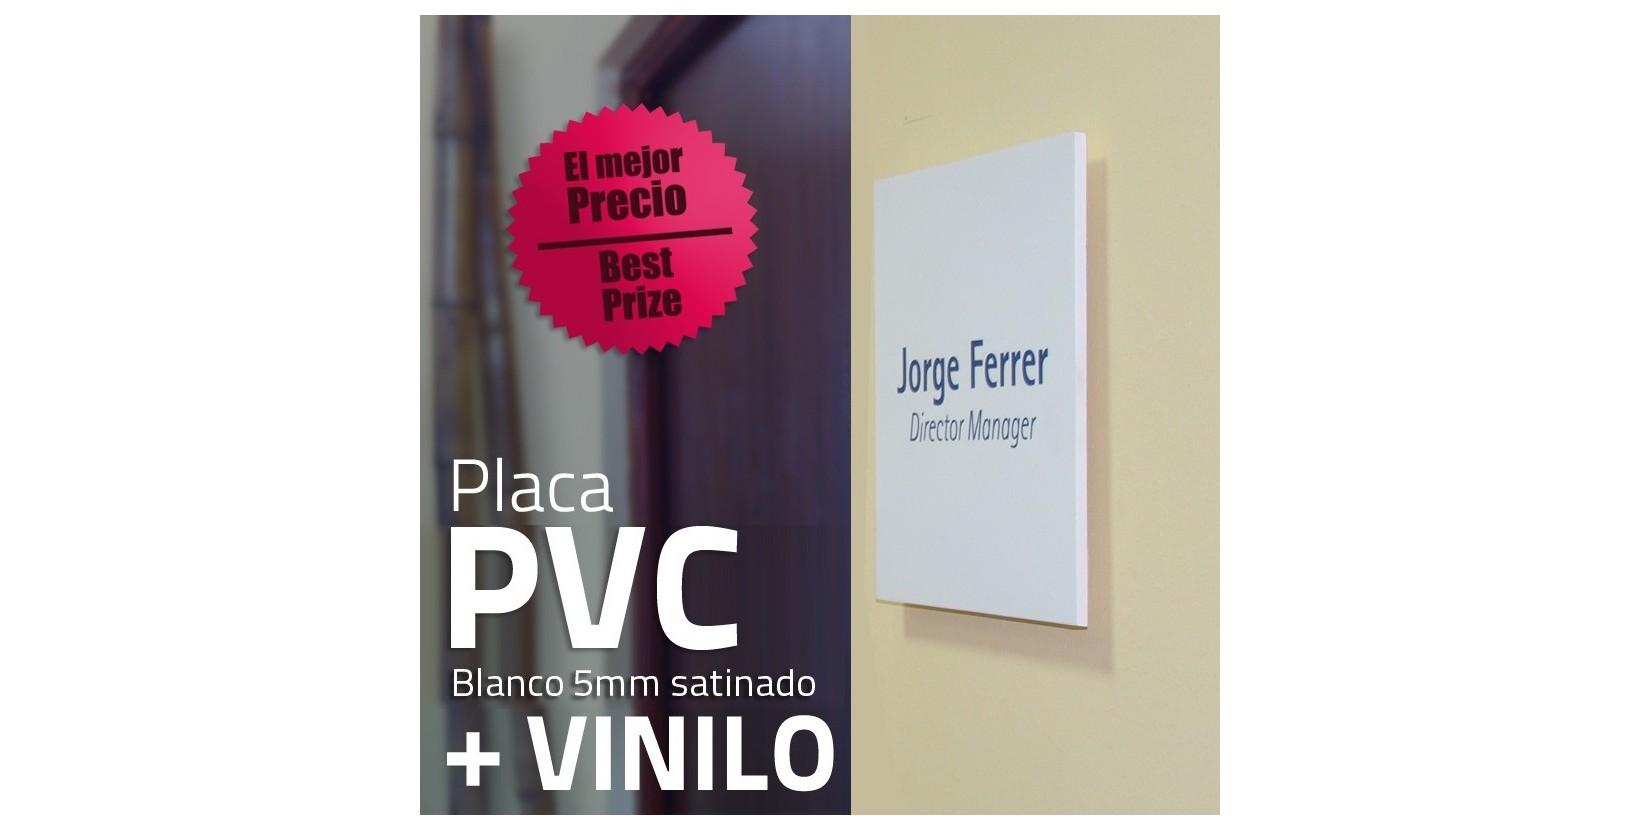 Placa pvc vinilo placas pvc placas de pvc for Placas de pvc para paredes